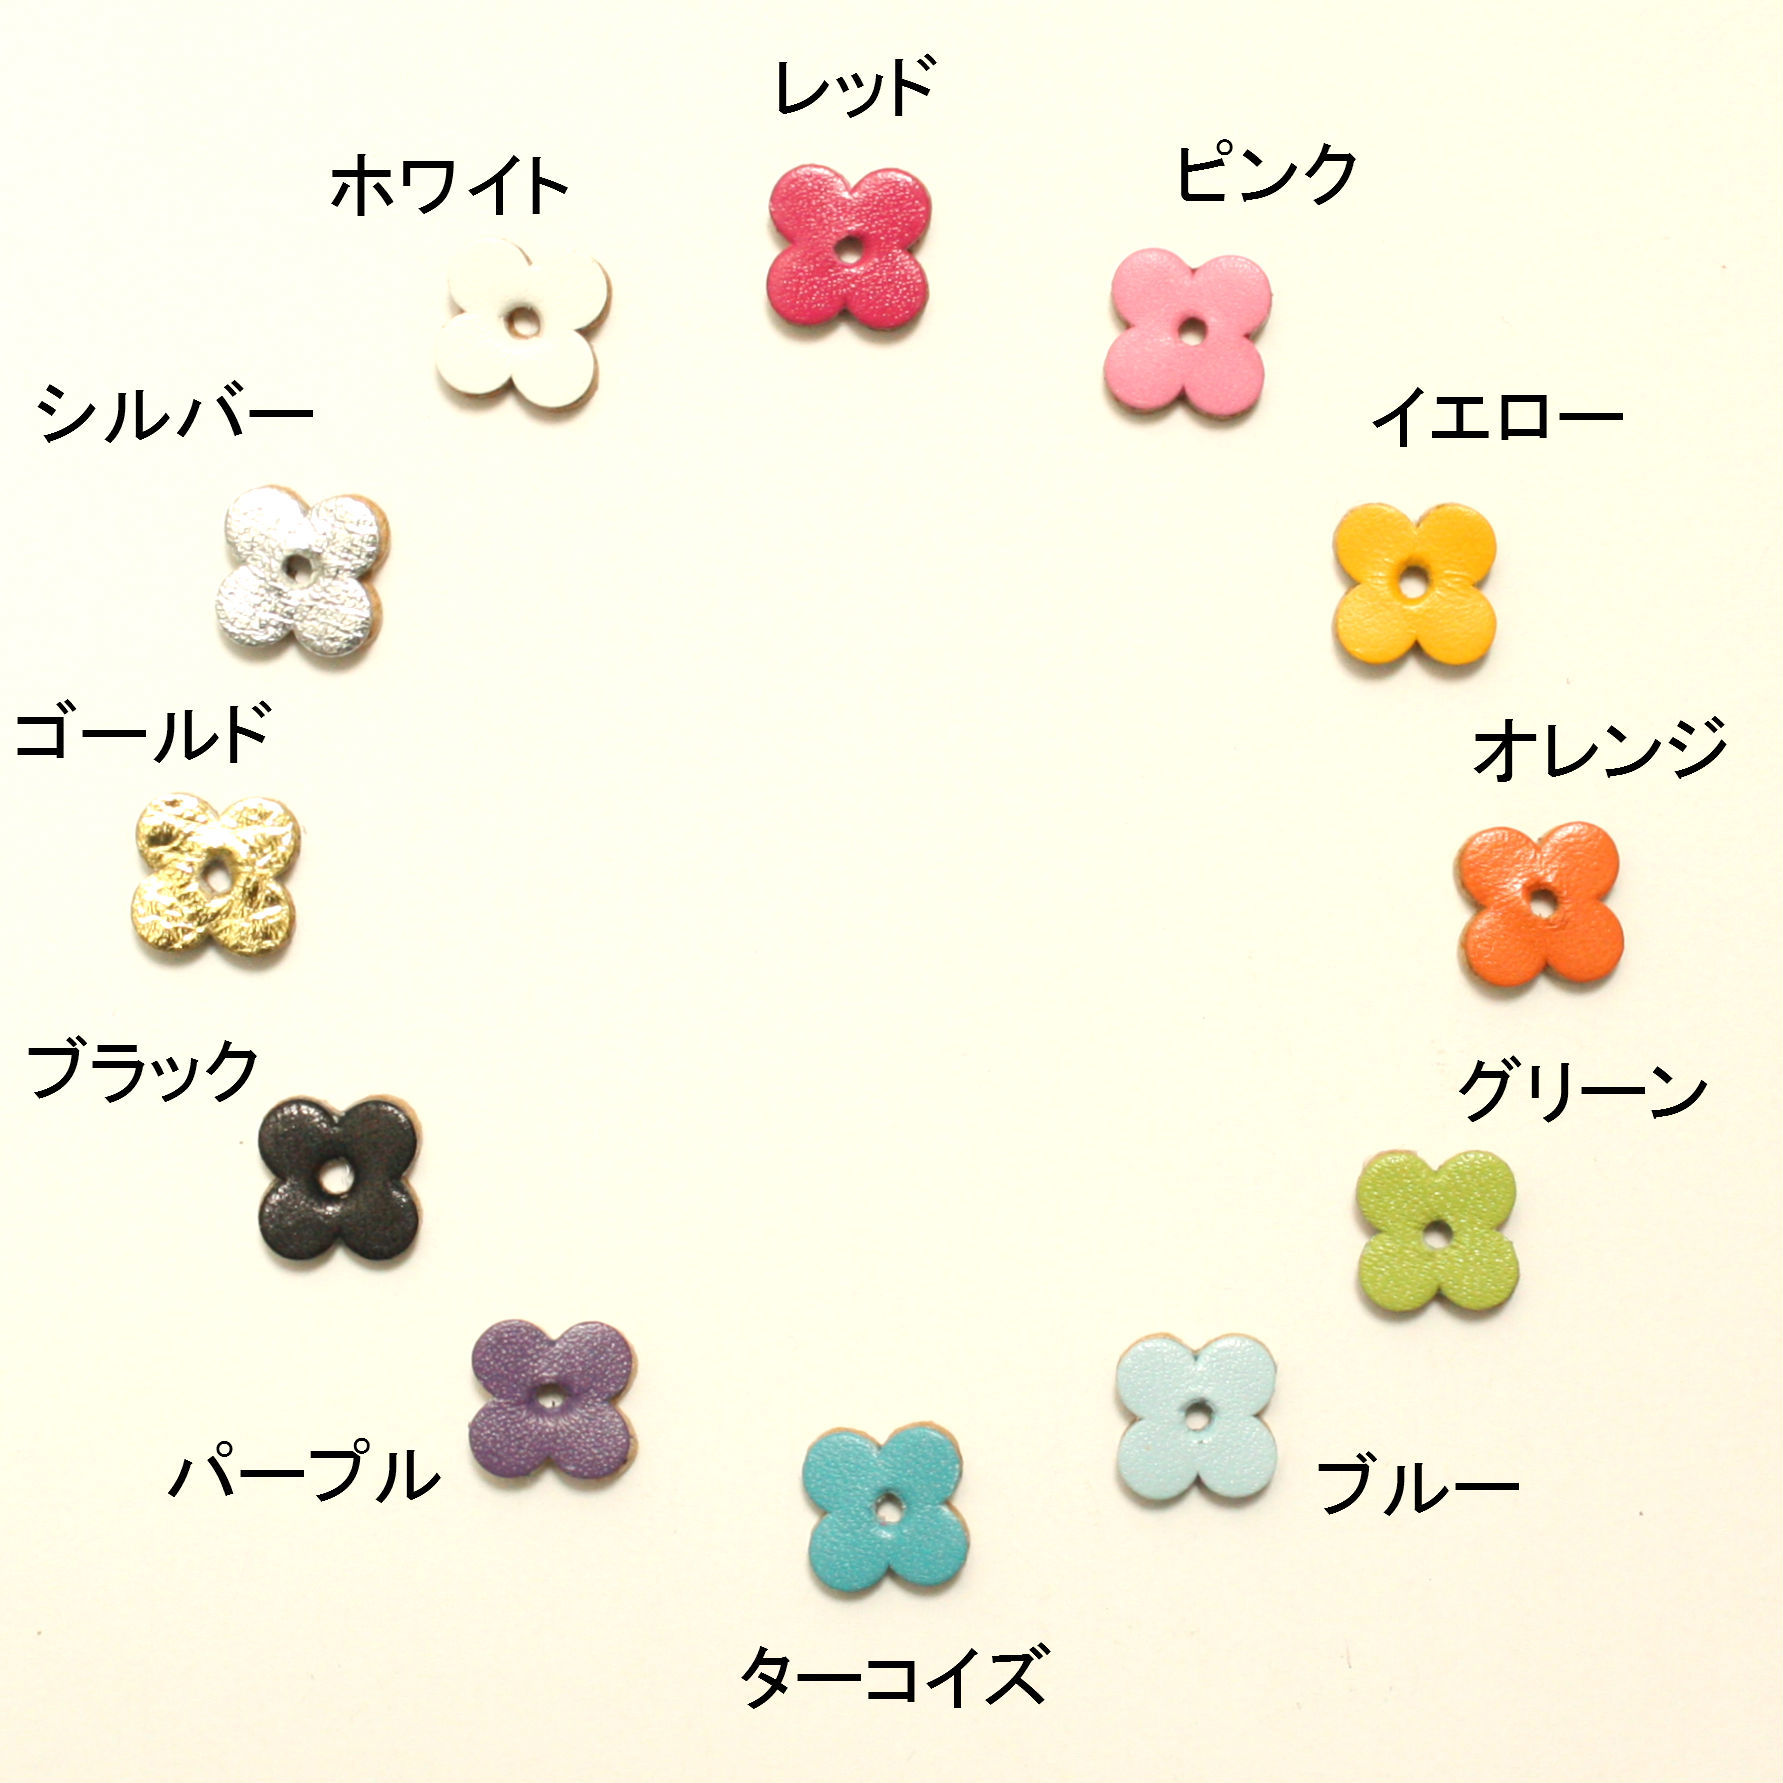 【フラワーレザーパーツ】平型クローバーSS